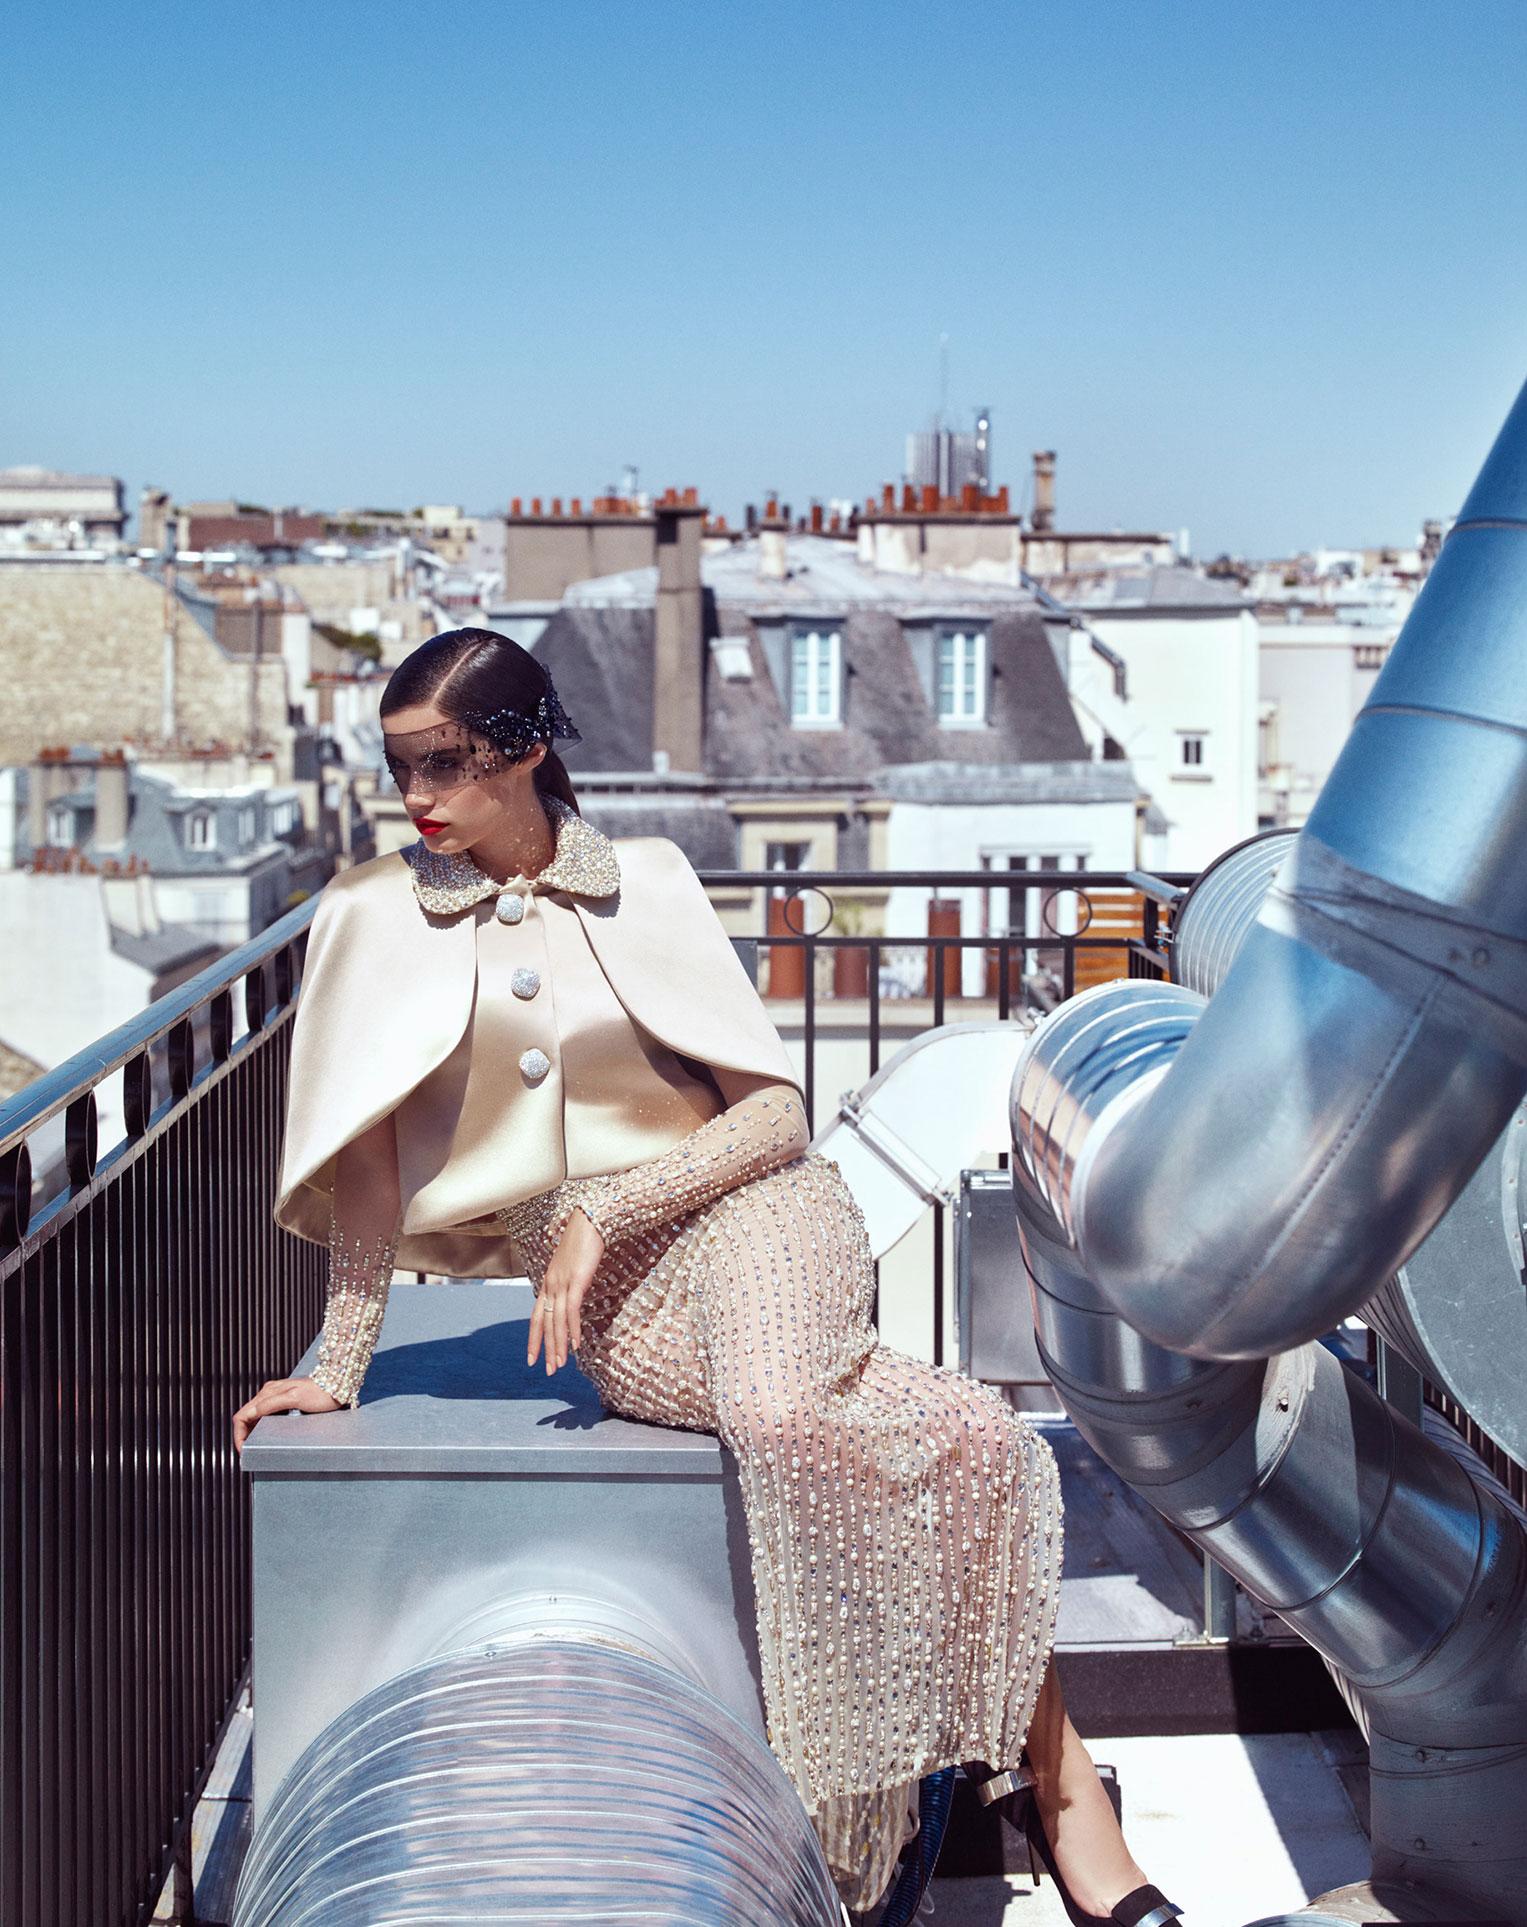 Сара Сампайо демонстрирует модные наряды на улицах и балконах Парижа / фото 03